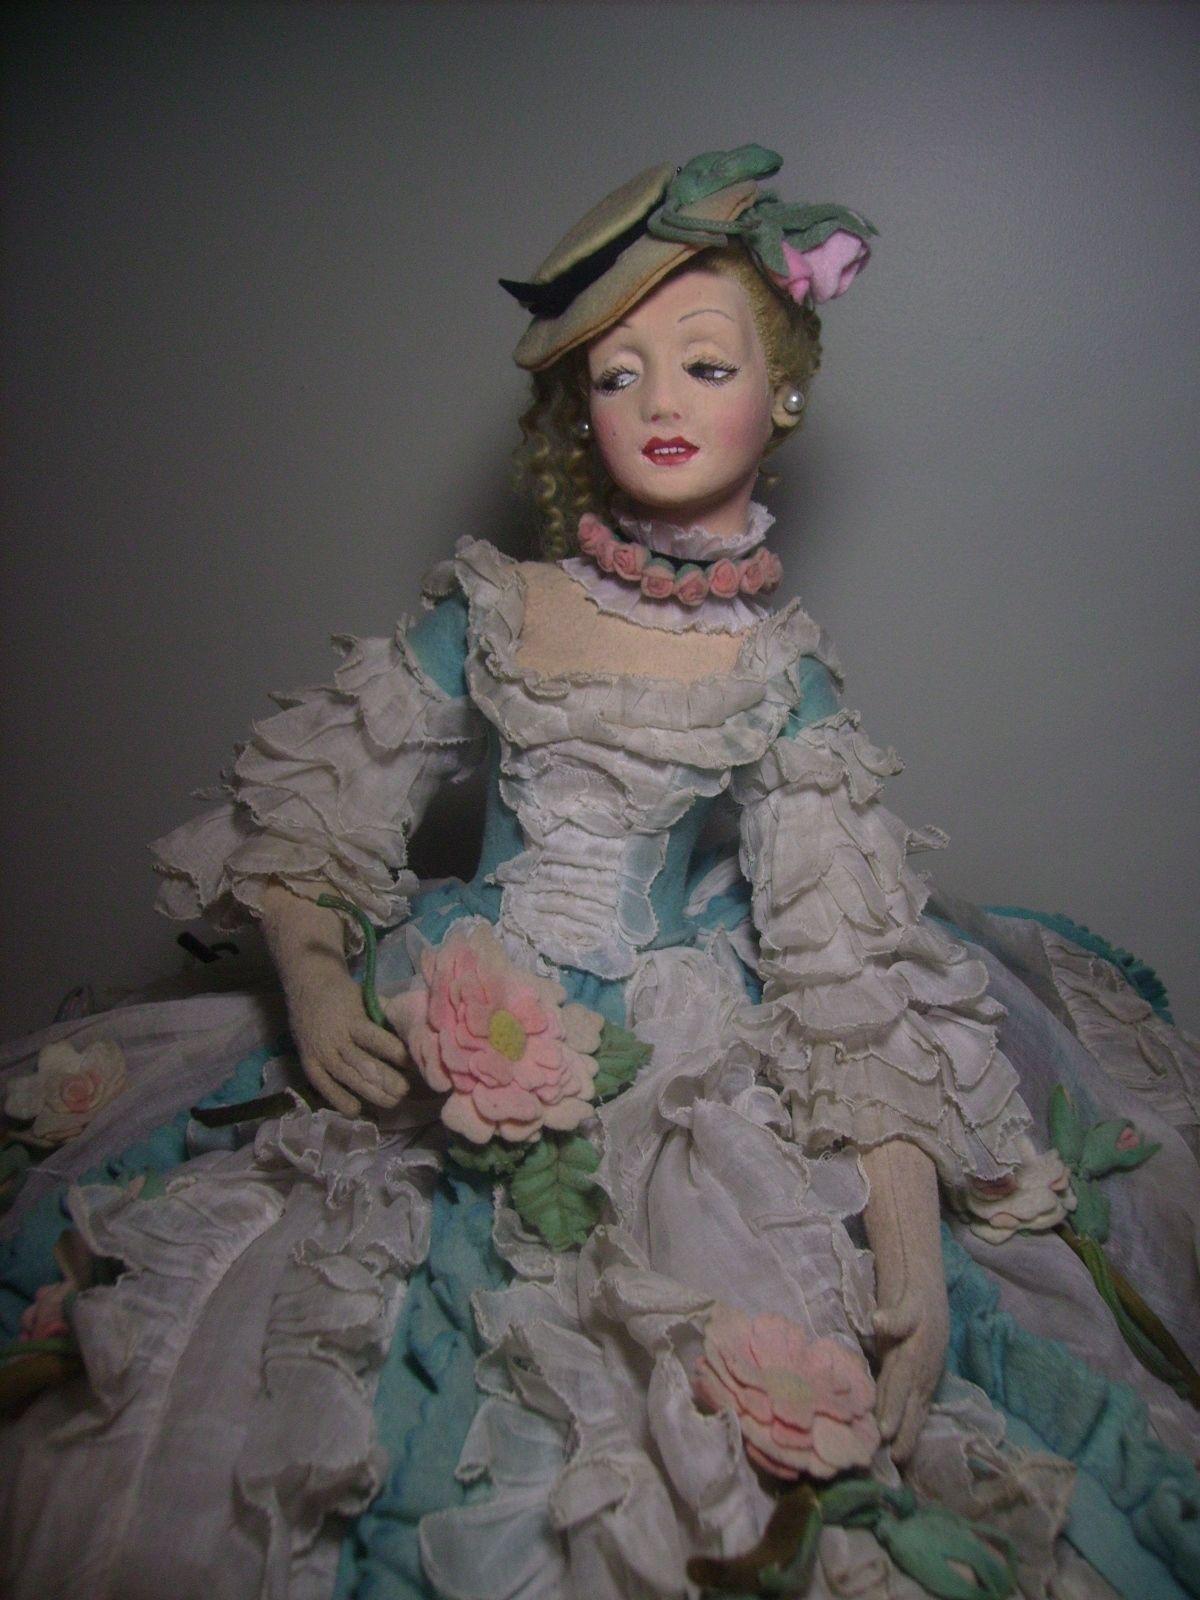 3000 in Dolls & Bears, Dolls, Antique (Pre-1930)